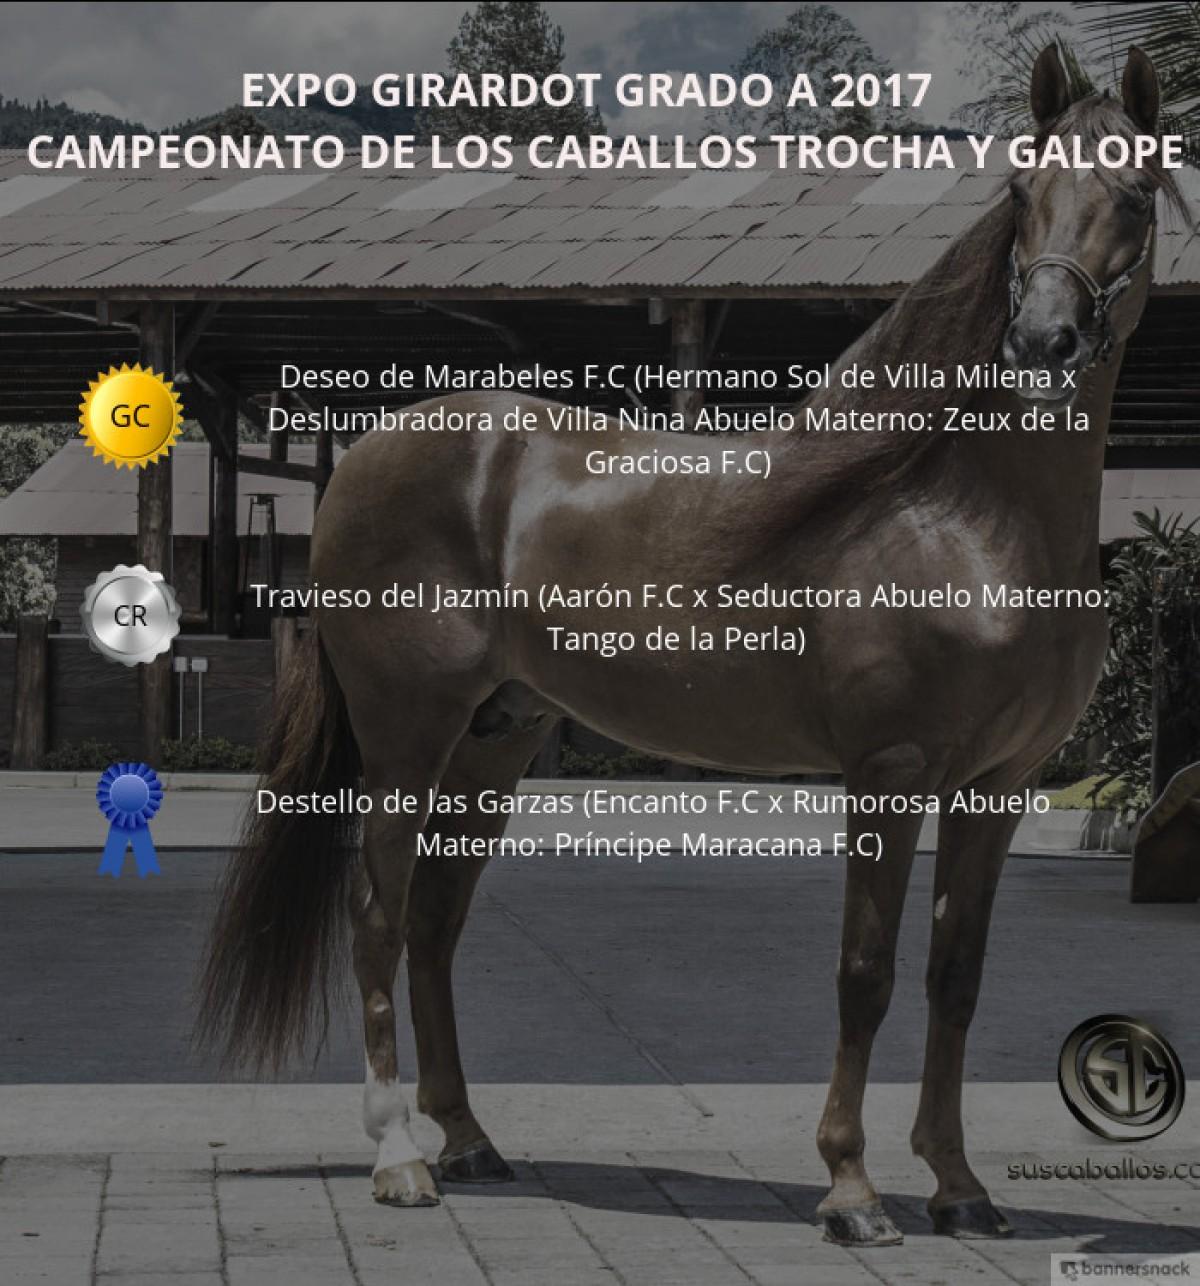 VÍDEO: Deseo Campeón, Travieso Reservado, Trocha Y Galope, Expo Girardot 2017